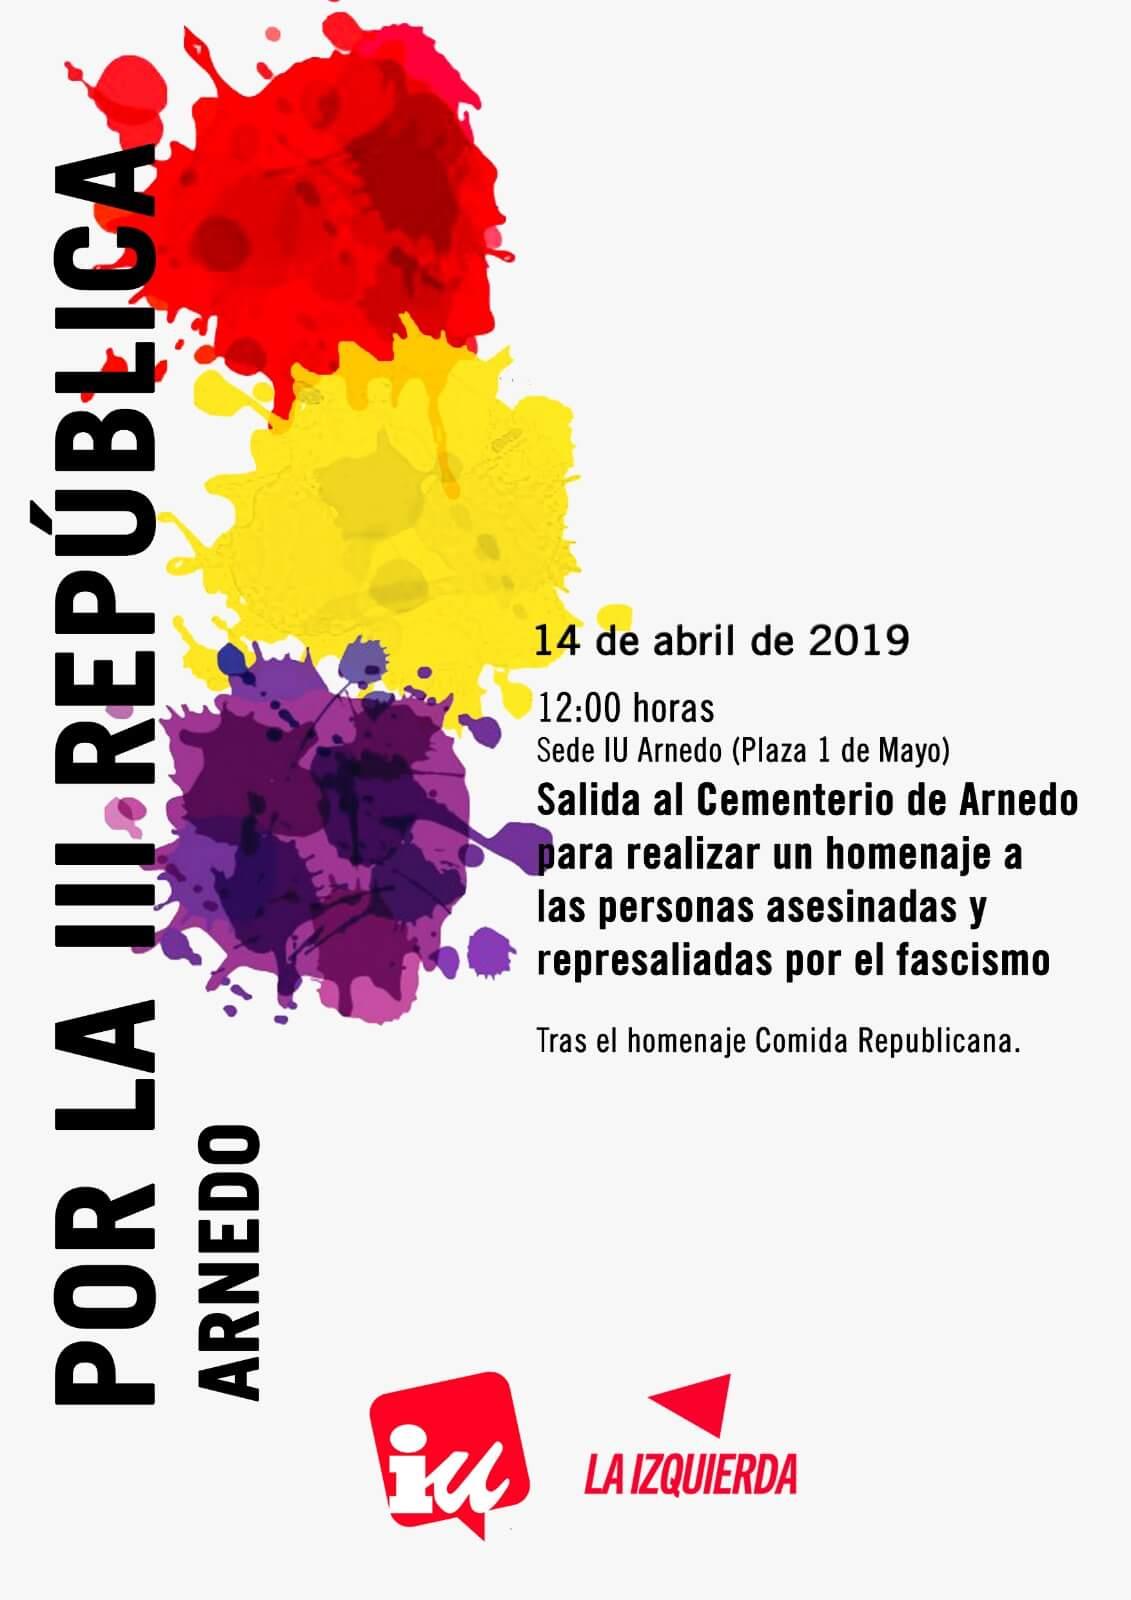 IU Arnedo celebra este domingo 14 de abril el 88 aniversario de la II República